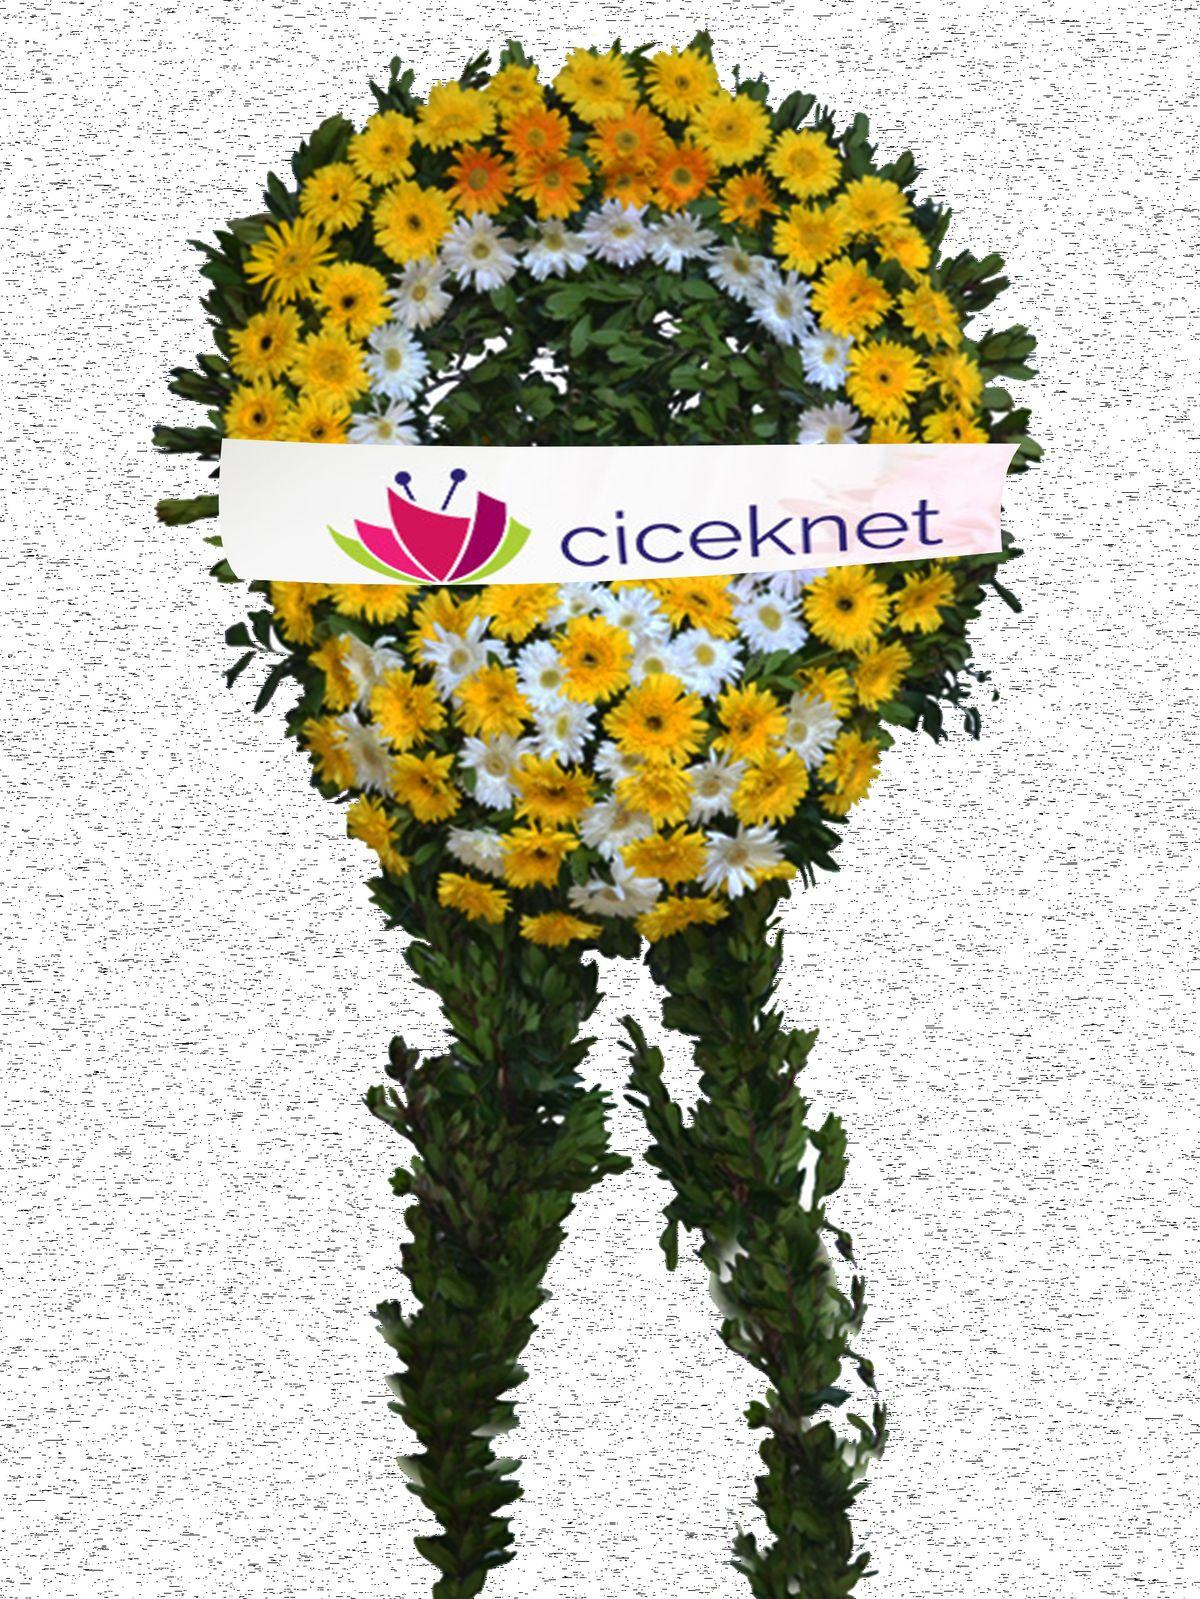 Acınızı Paylaşıyoruz Cenaze Çelengi... Cenaze Çelengi çiçek gönder